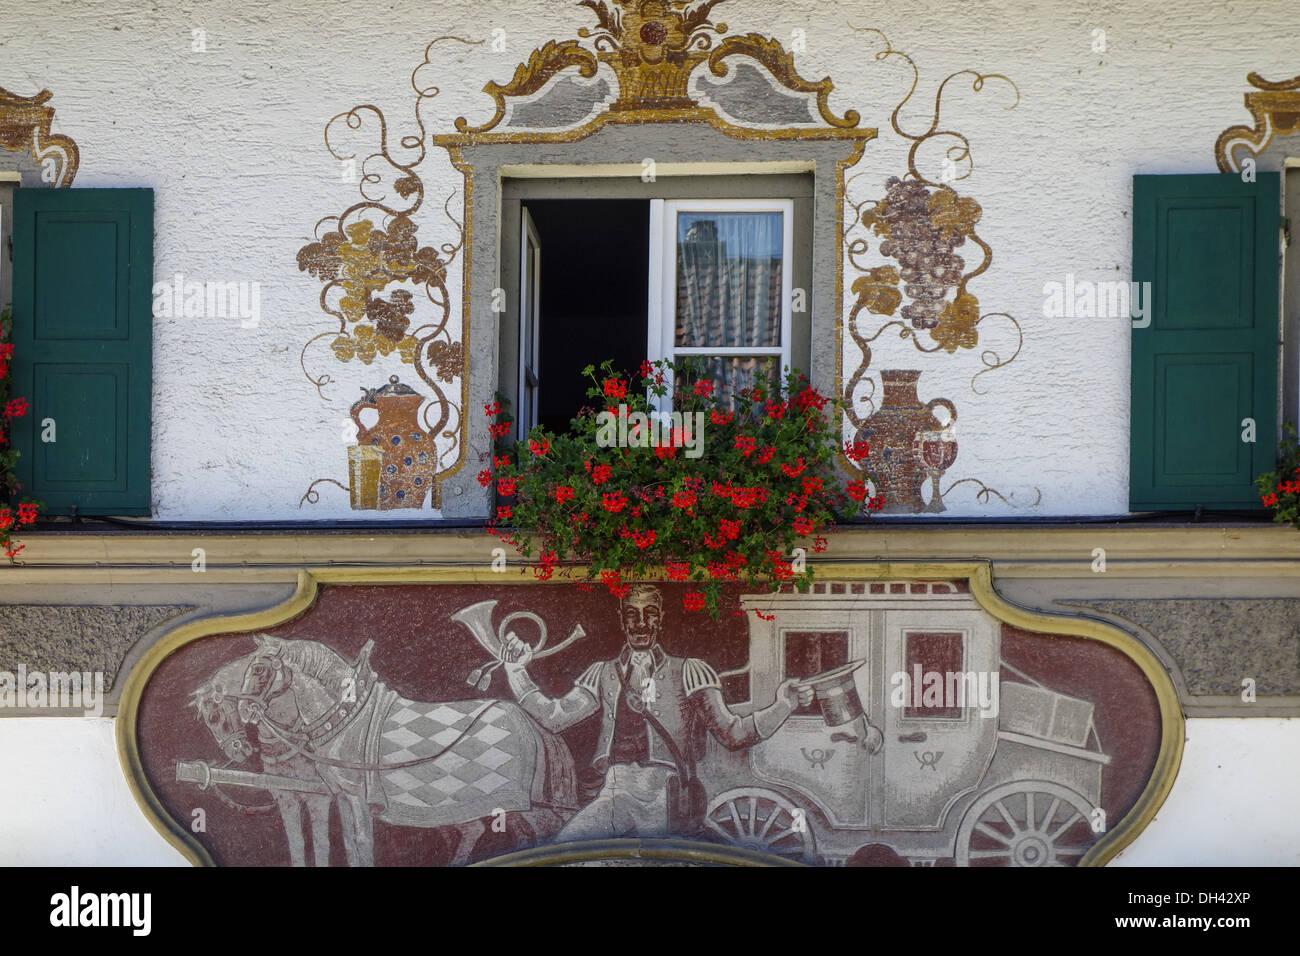 Gasthof Hotel Germany Stock Photos & Gasthof Hotel Germany Stock ...